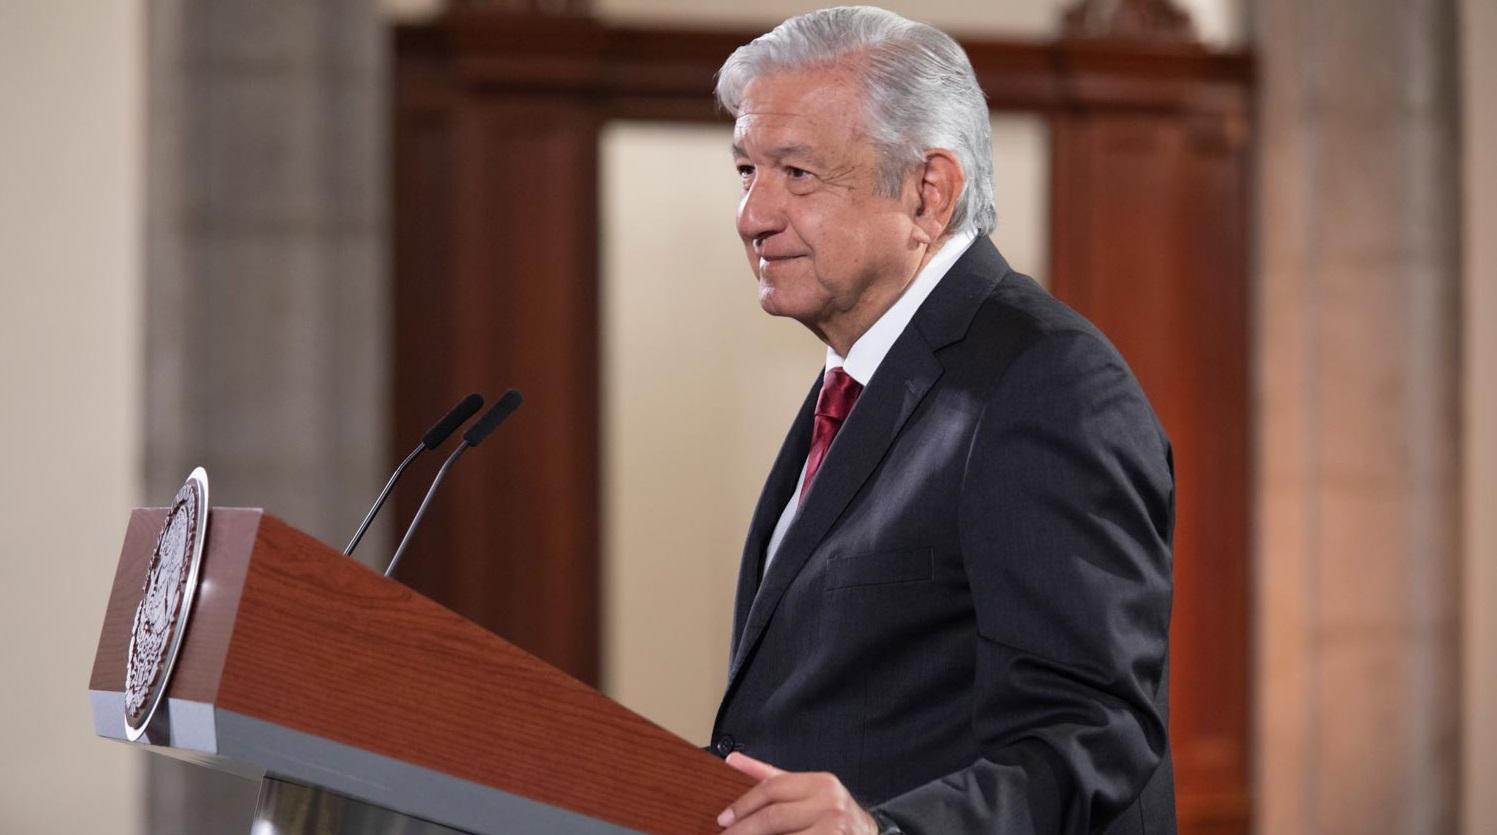 Lopez Obrador celebra arribo de dosis de vacuna Janssen permitiran reactivar comercio y economia en frontera norte afirma